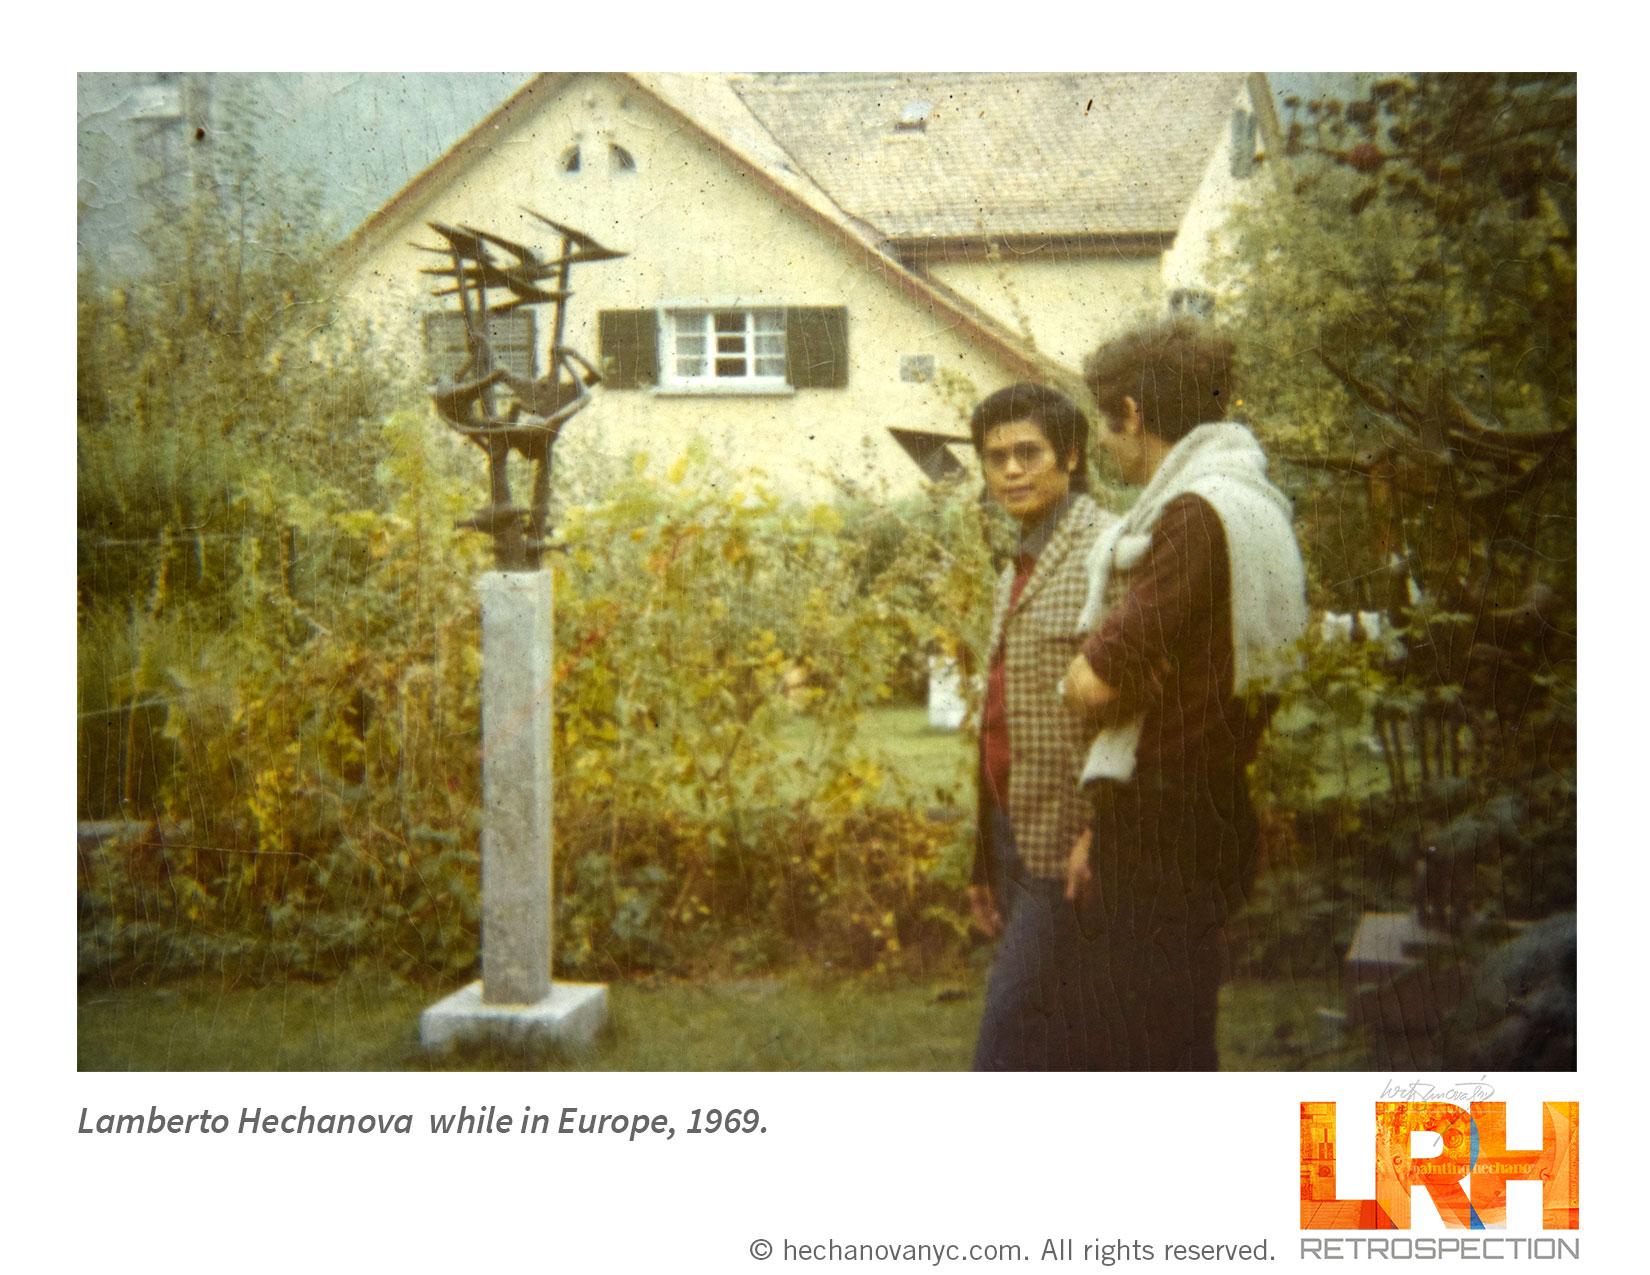 Lamberto Hechanova EUROPE 1969